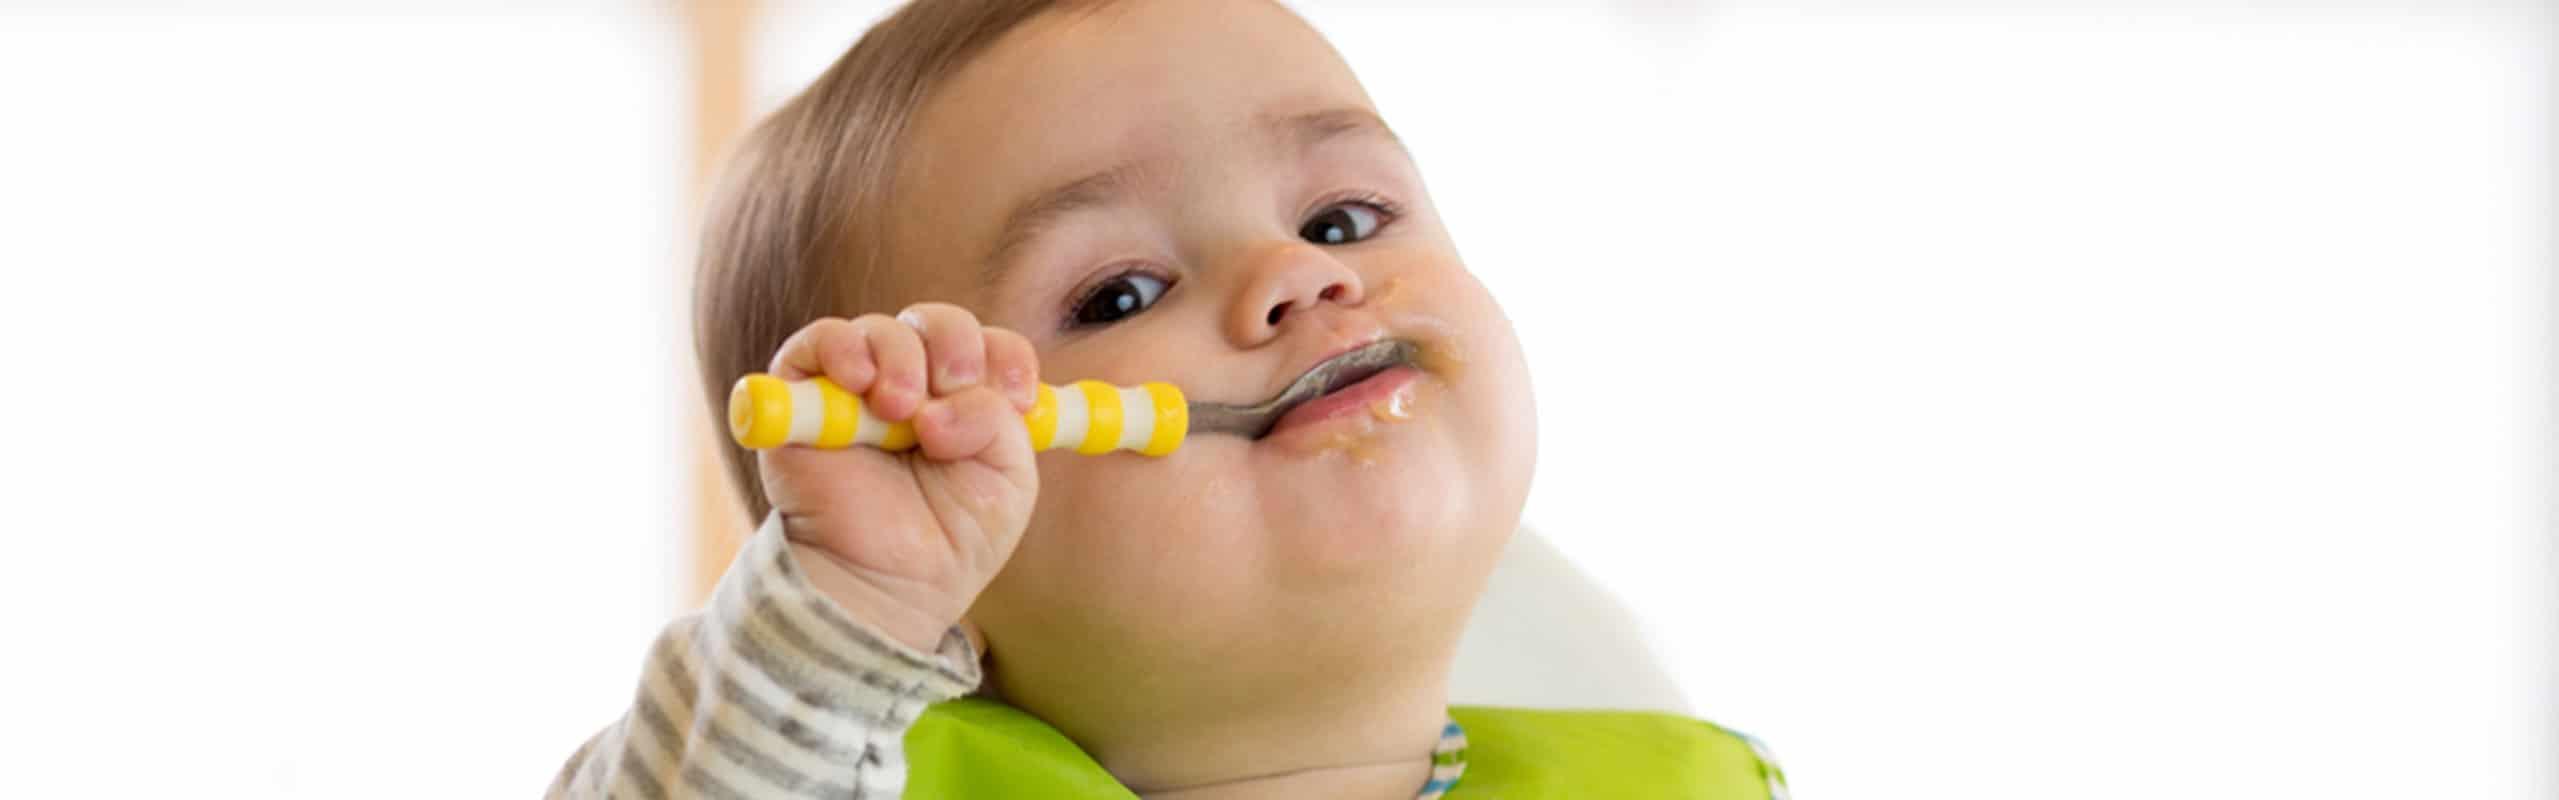 Descubre la alimentación infantil y su importancia en la infancia